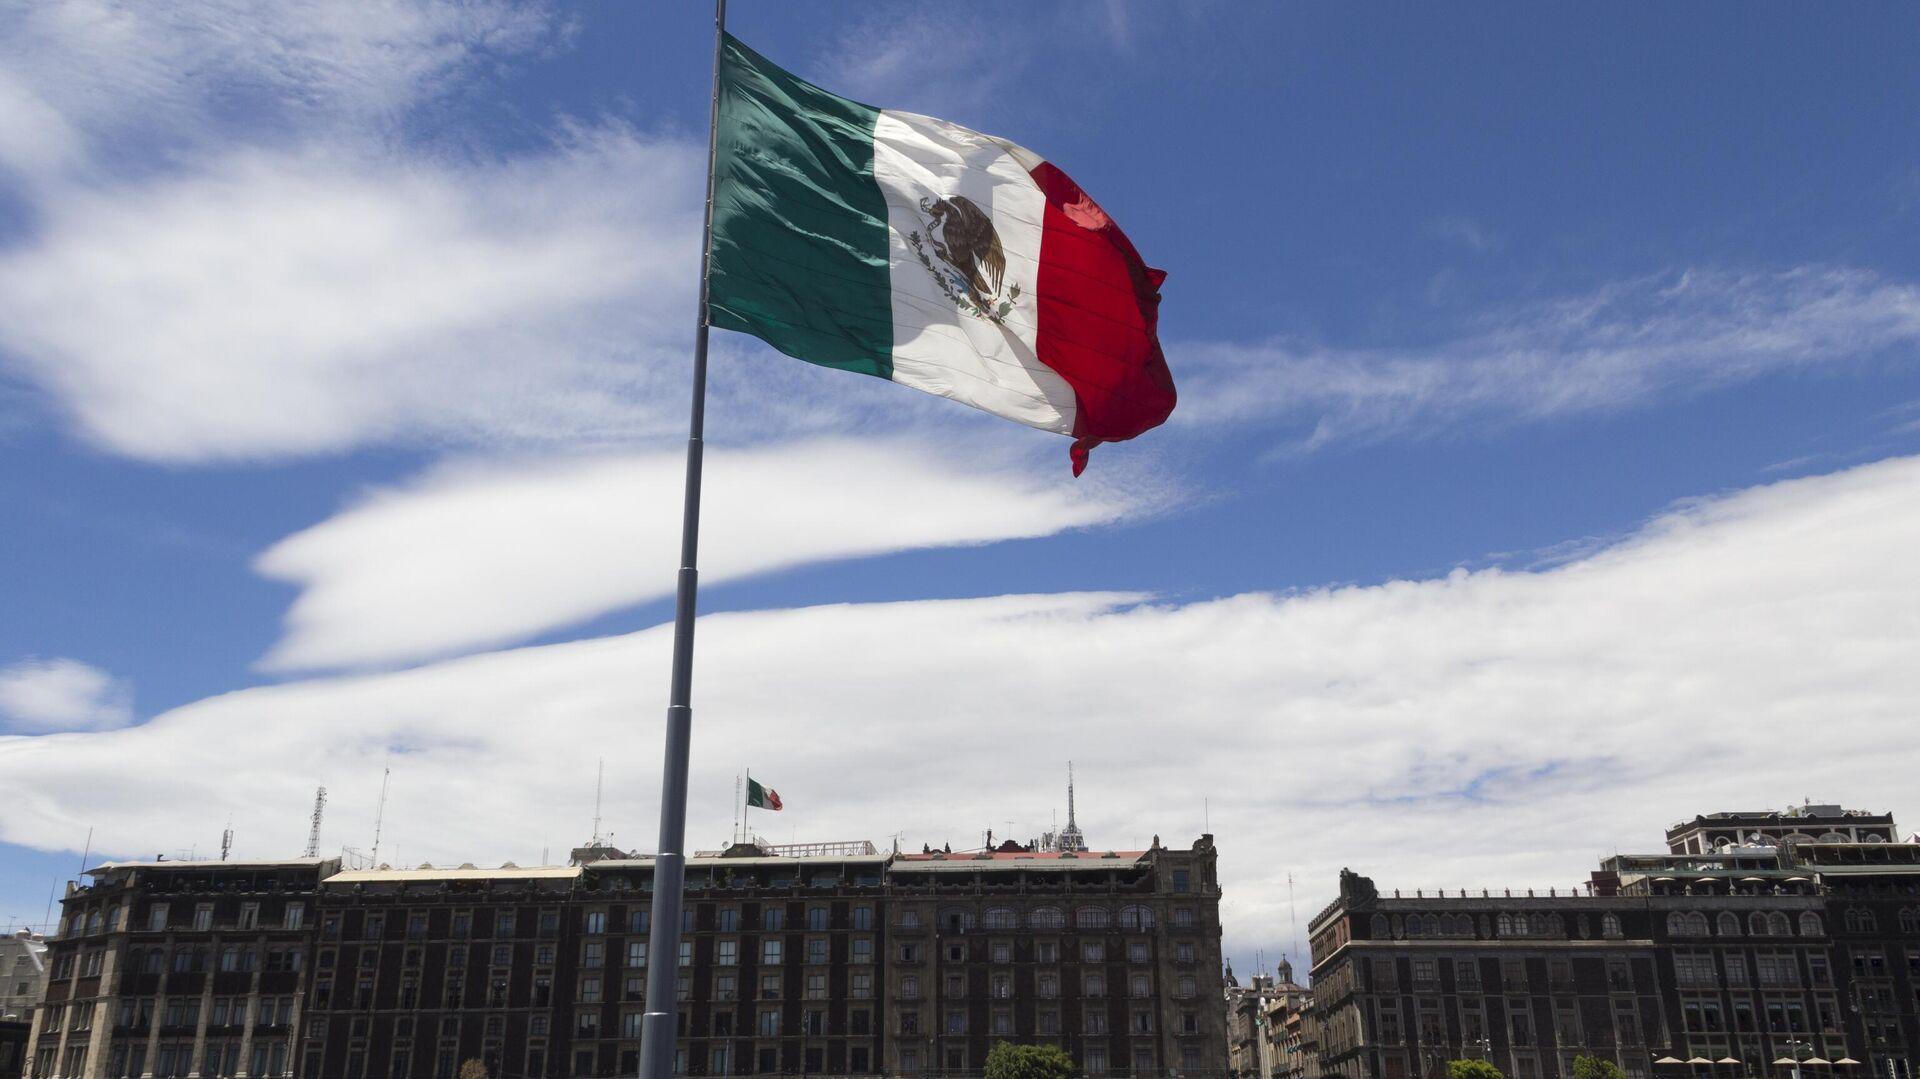 Bandera de los Estados Unidos Mexicanos - Sputnik Mundo, 1920, 27.09.2021